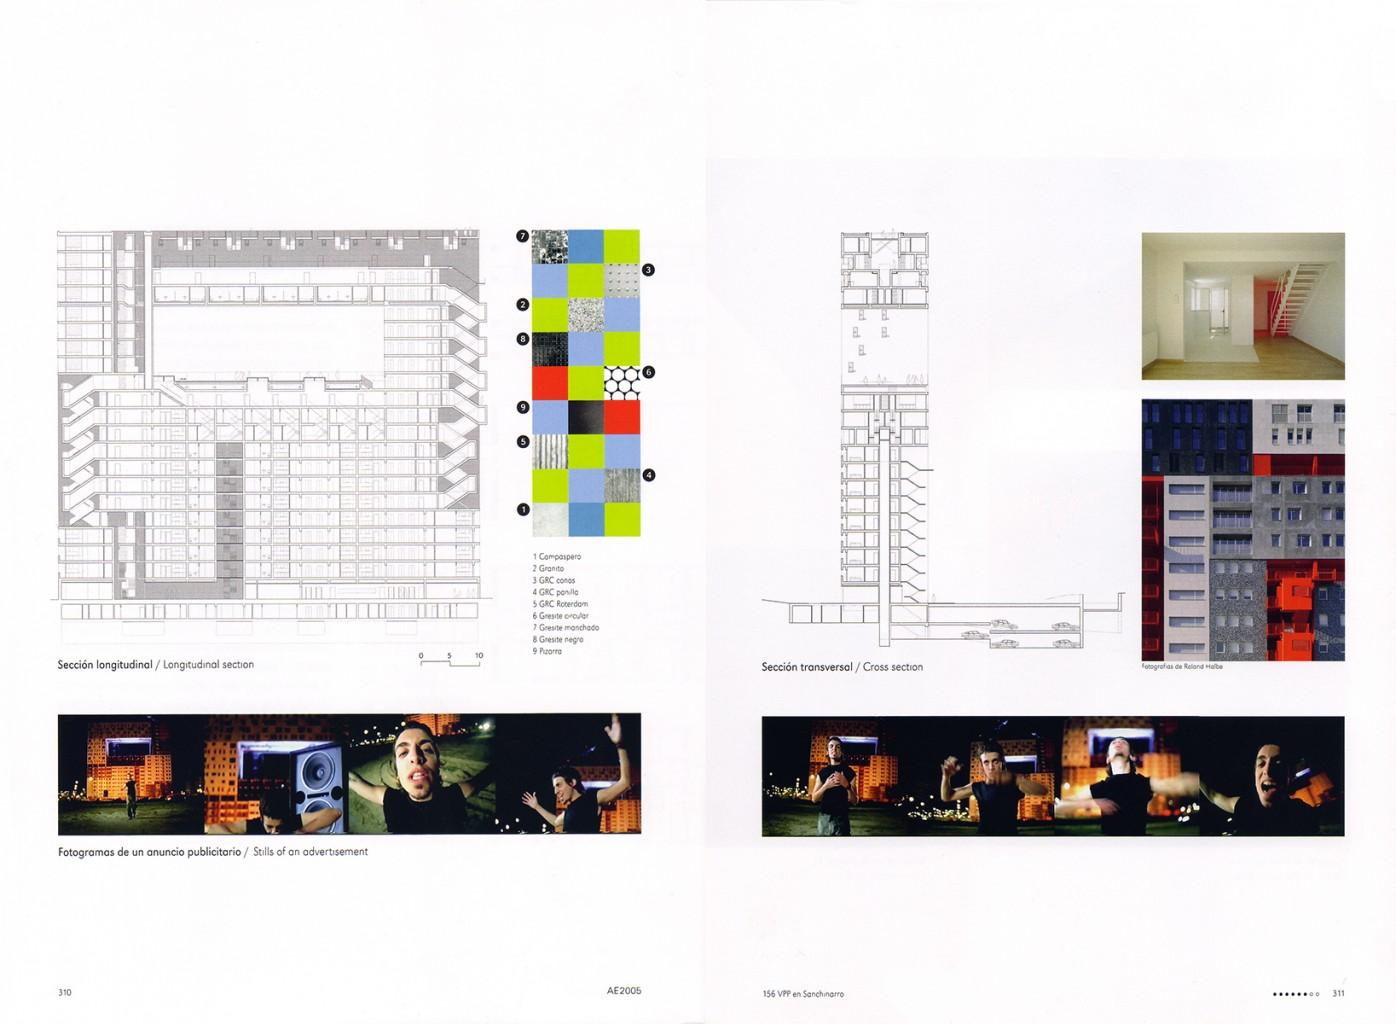 arquitectura viva n97 blanca lle mvrdv mirador 01 - Arquitecturaviva